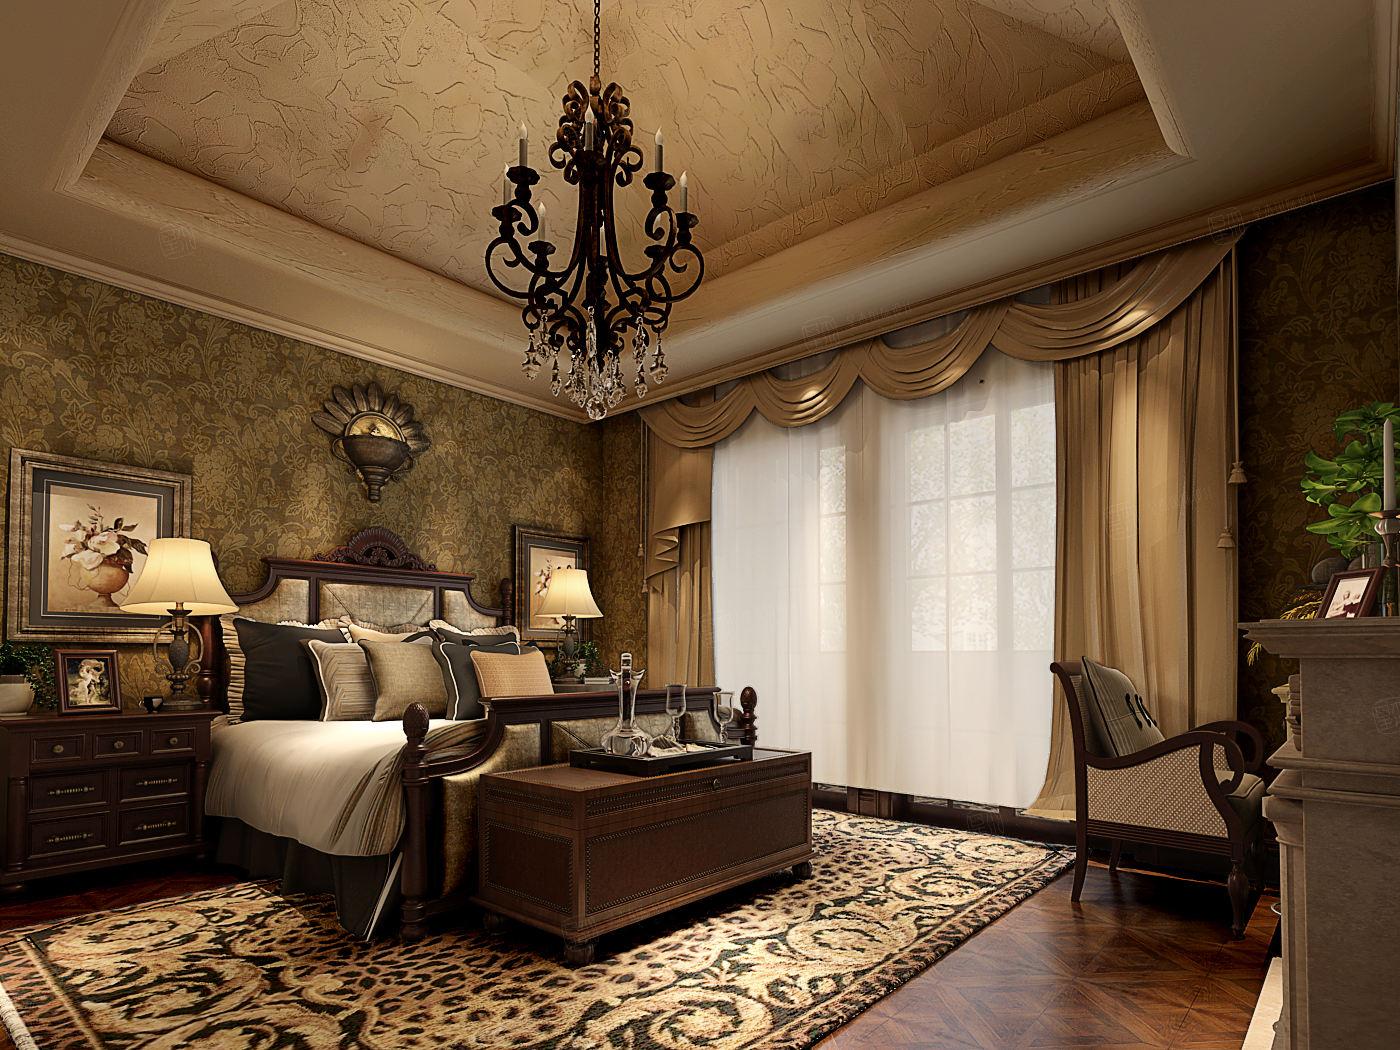 同润圣塔路斯 异域风情装修卧室效果图